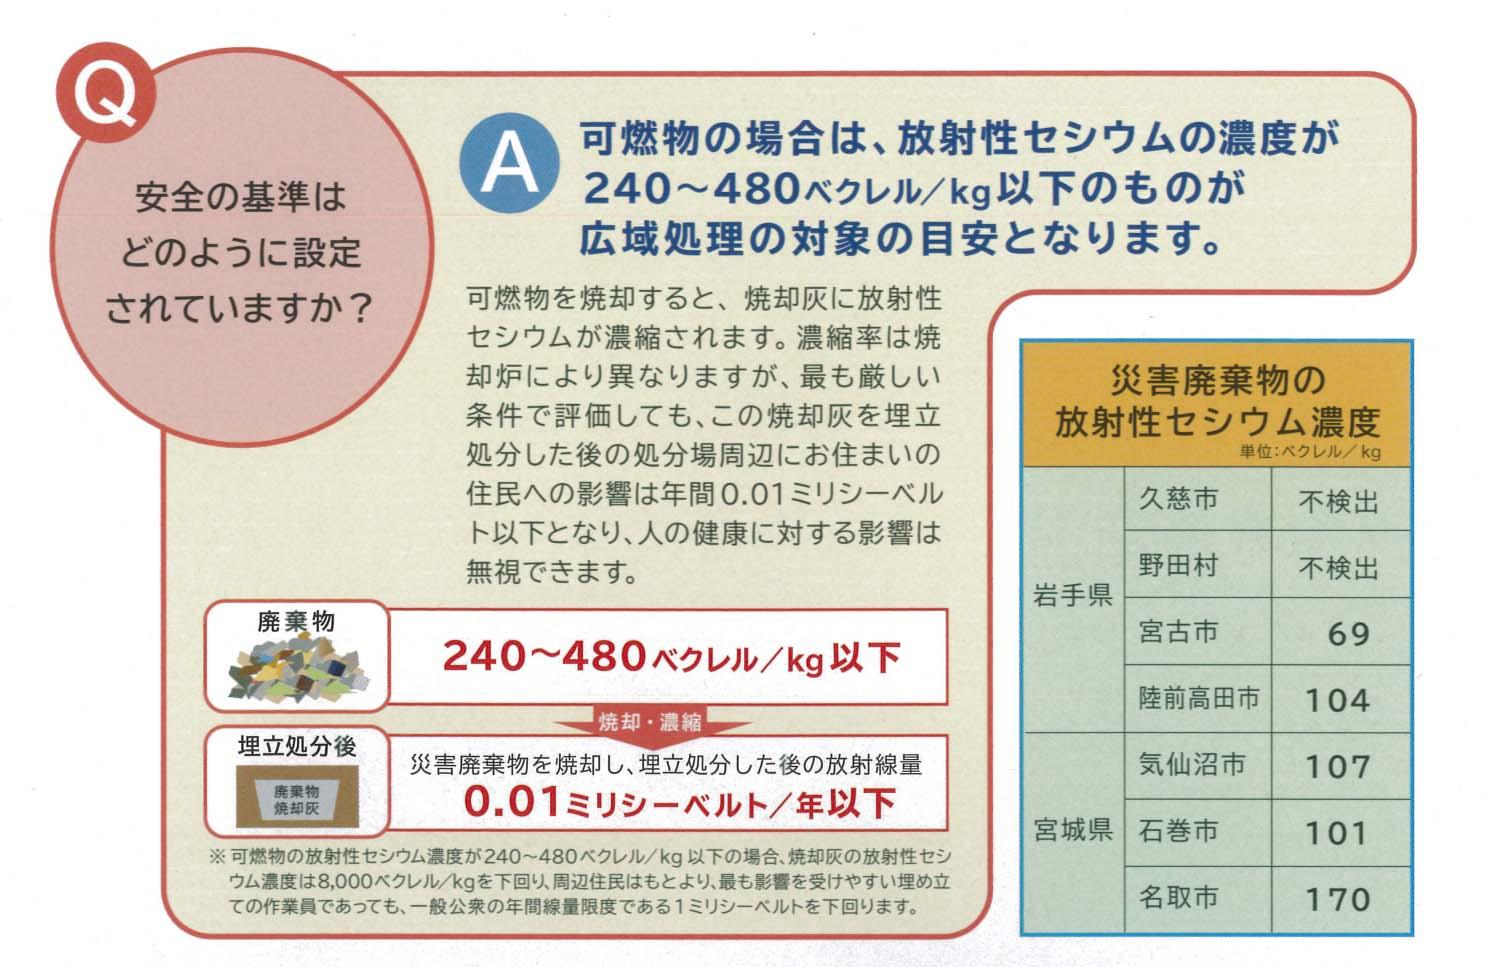 東日本大震災で発生した災害ガレキの試験焼却に関する議員全員協議会_f0141310_8383859.jpg